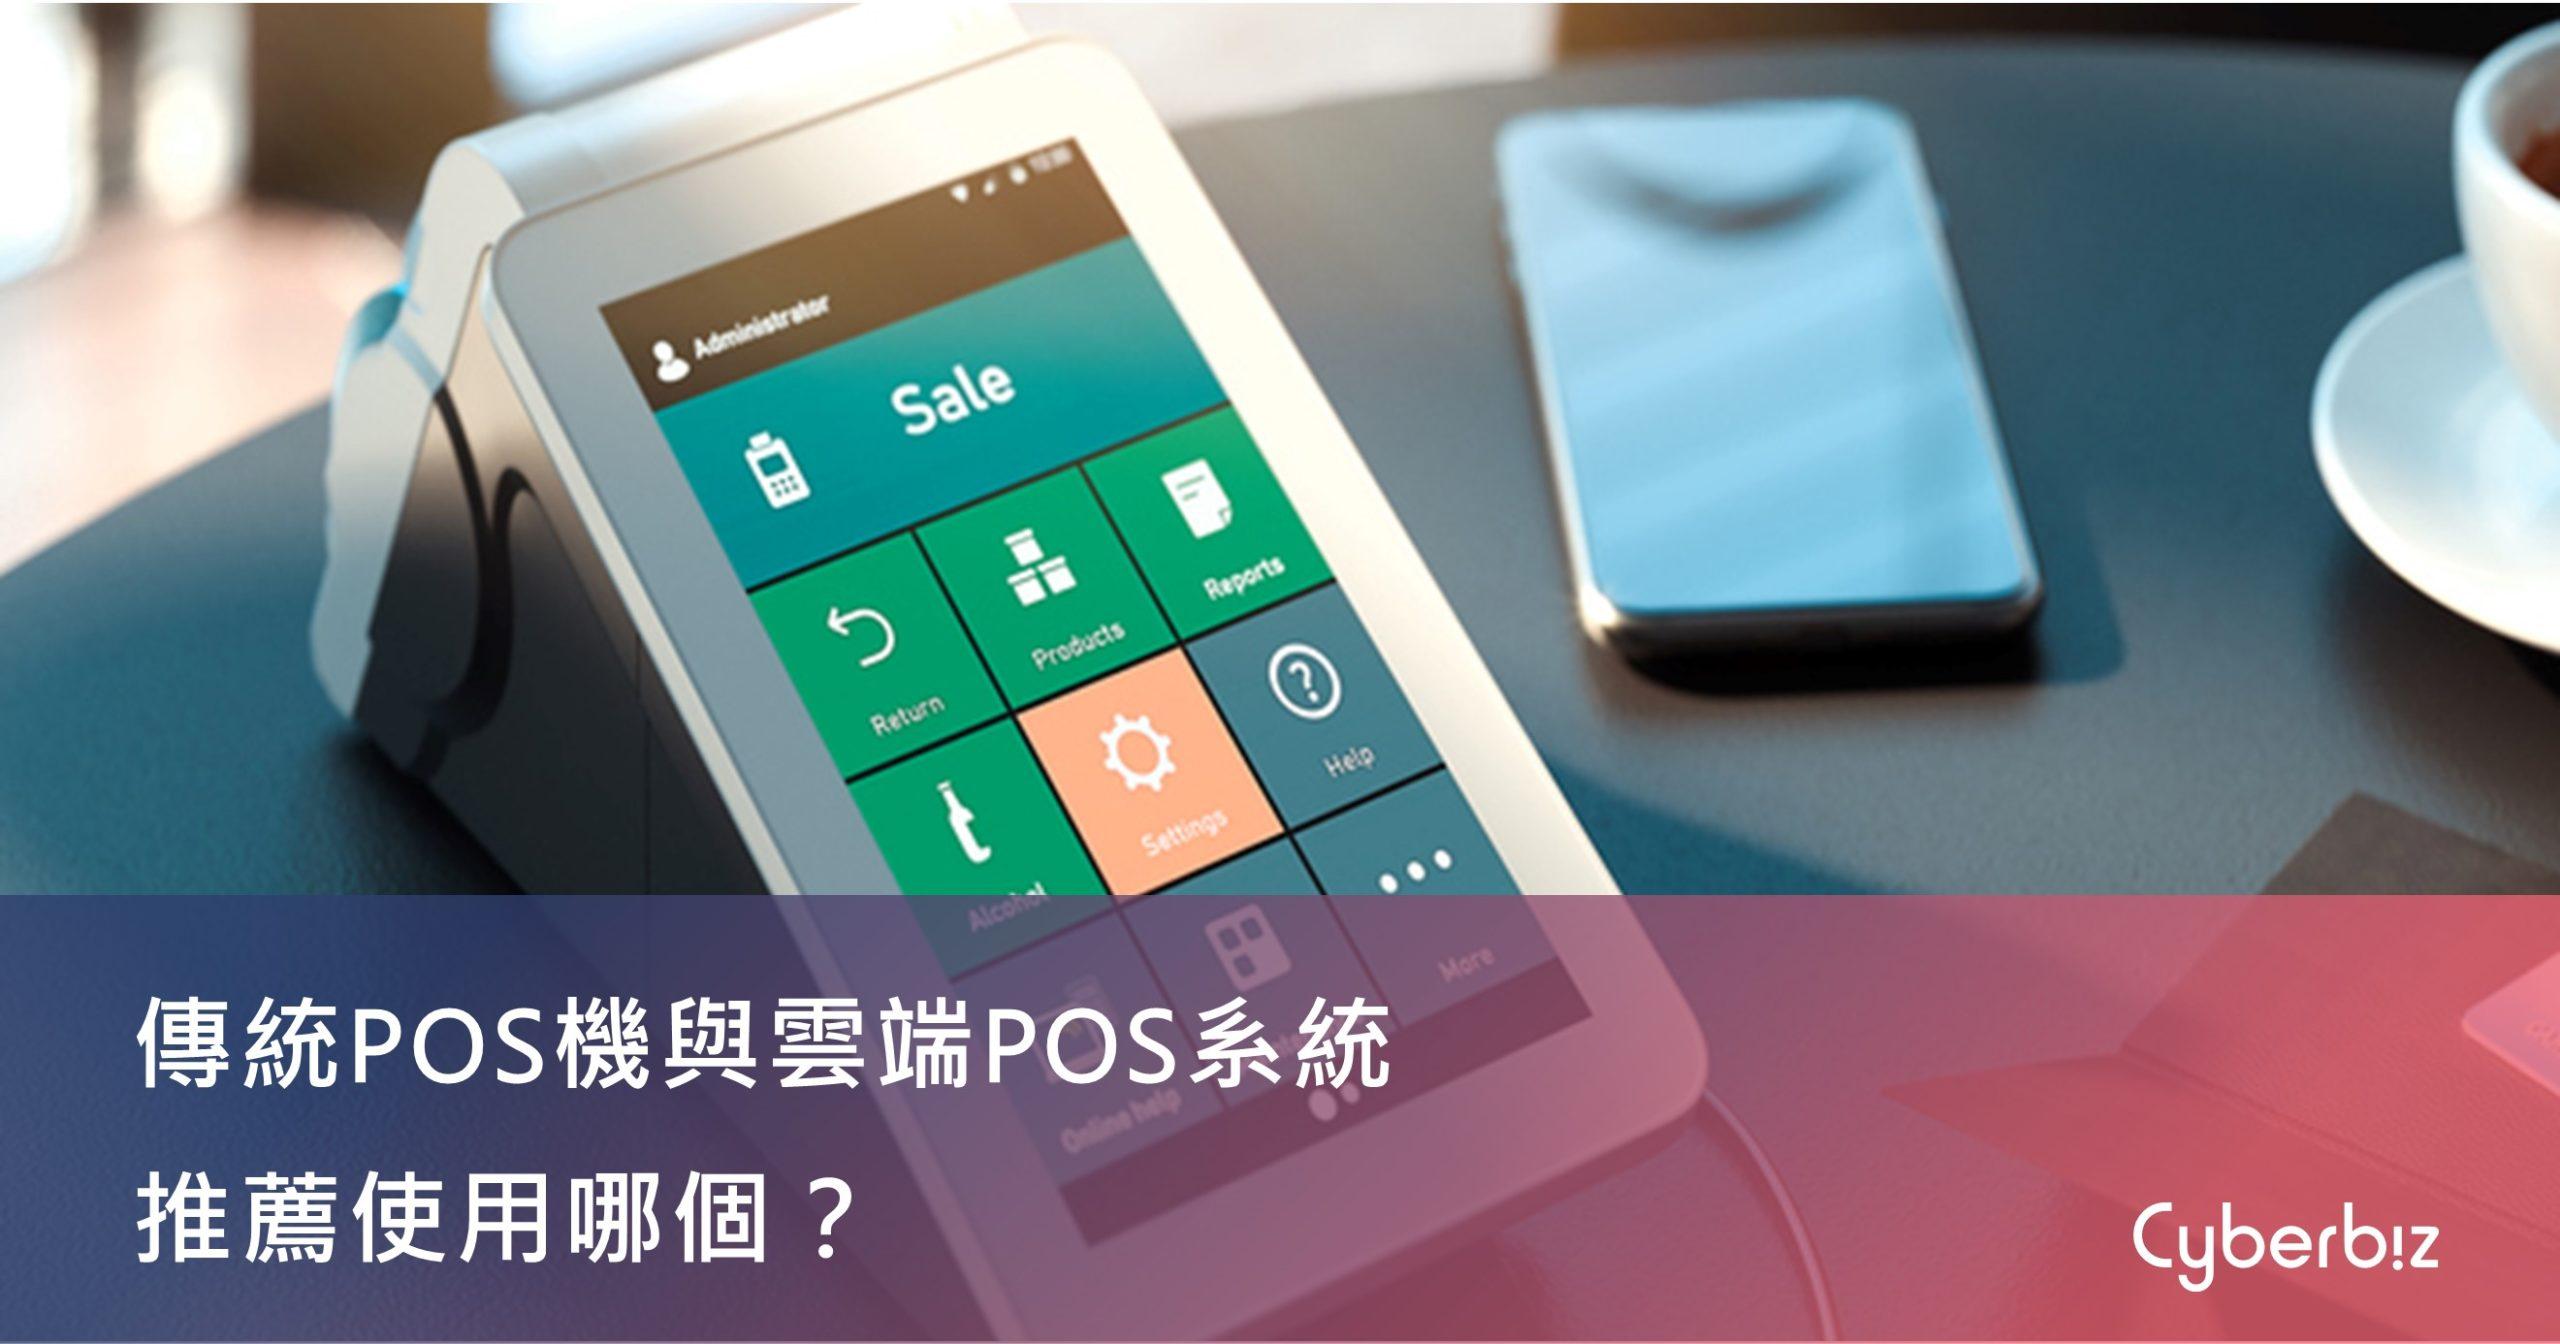 傳統POS機與雲端POS推薦哪個?一次比較兩者差異!